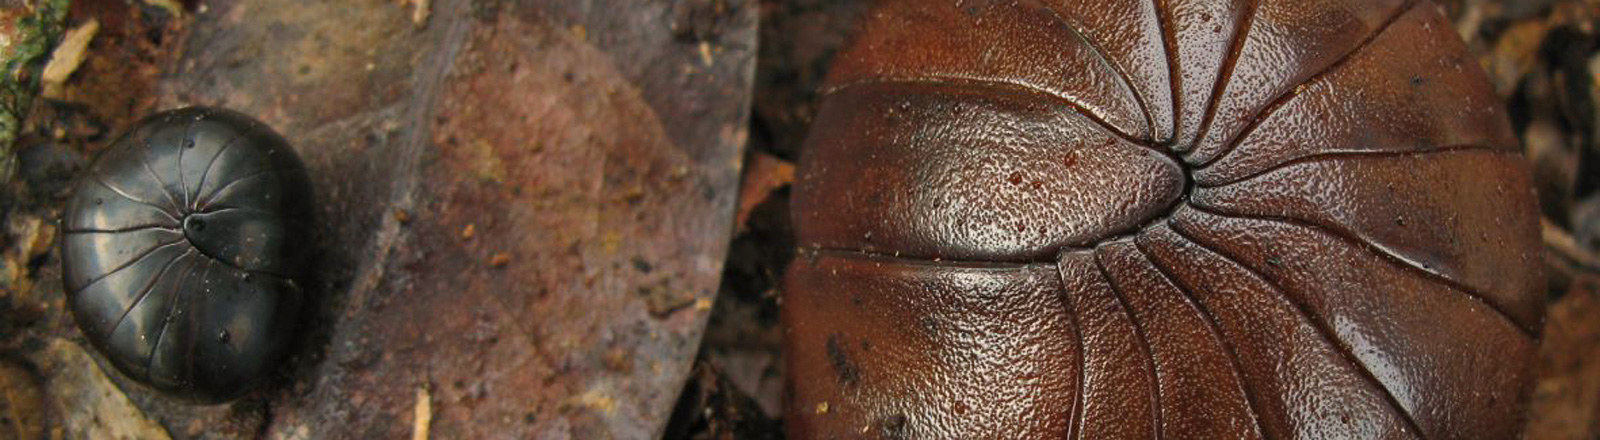 Ein kleiner, schwarzer Riesenkugeltausendfüßler liegt rechts neben einem größeren, braunen. Beide sind eingerollt.